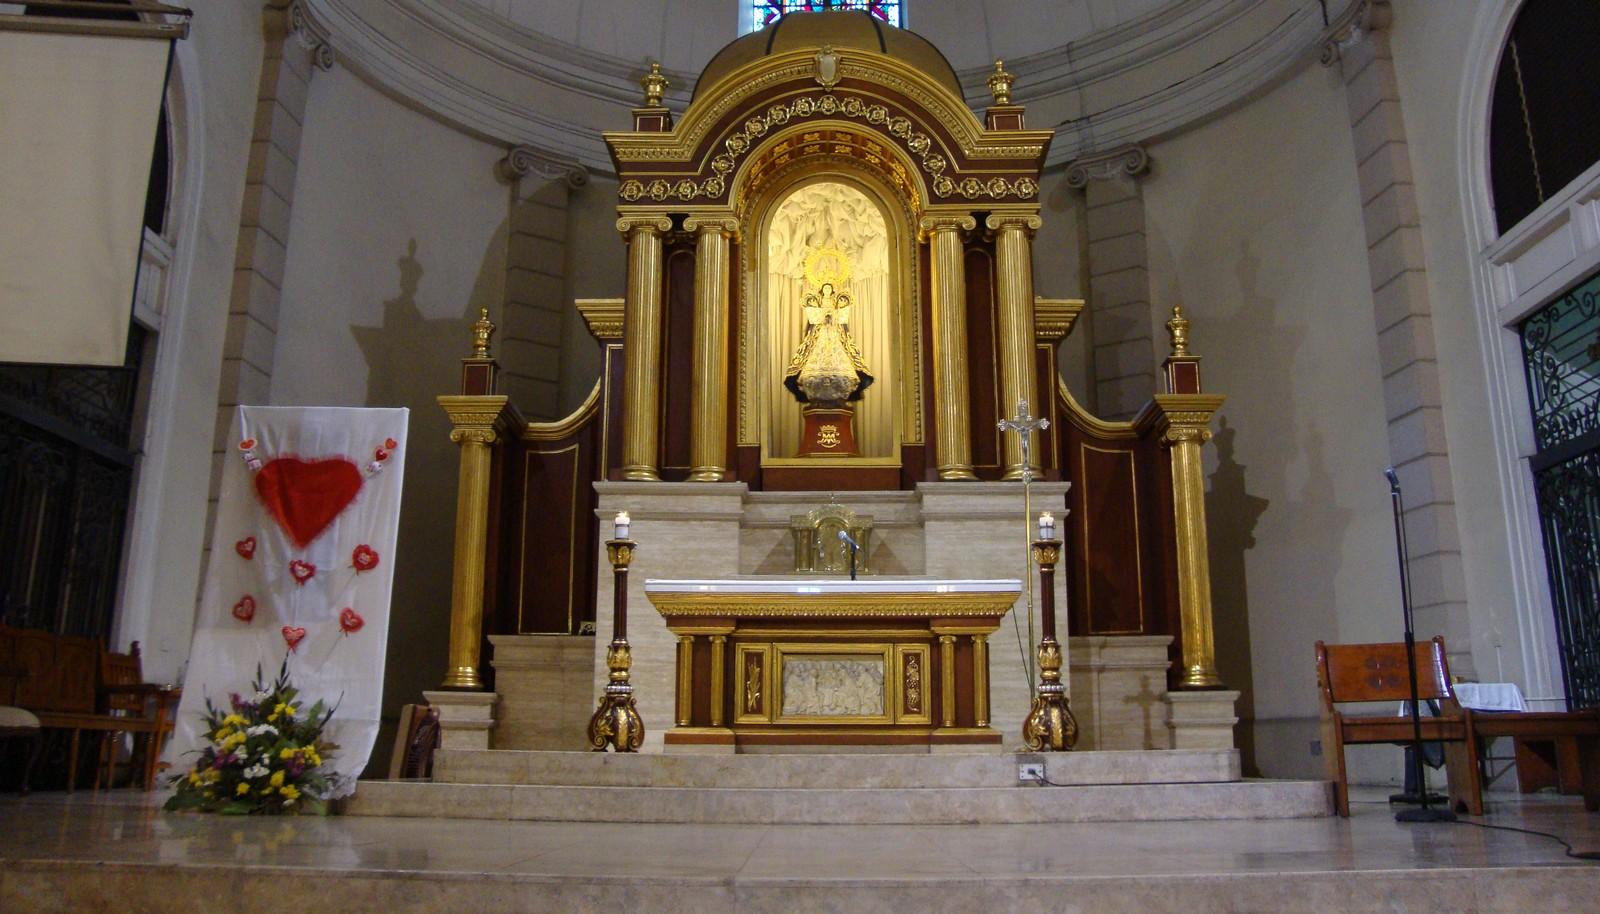 Nuestra Señora de los Remedios de Malate, Devoción Milagrosa en Filipinas (3º dgo nov, dic)